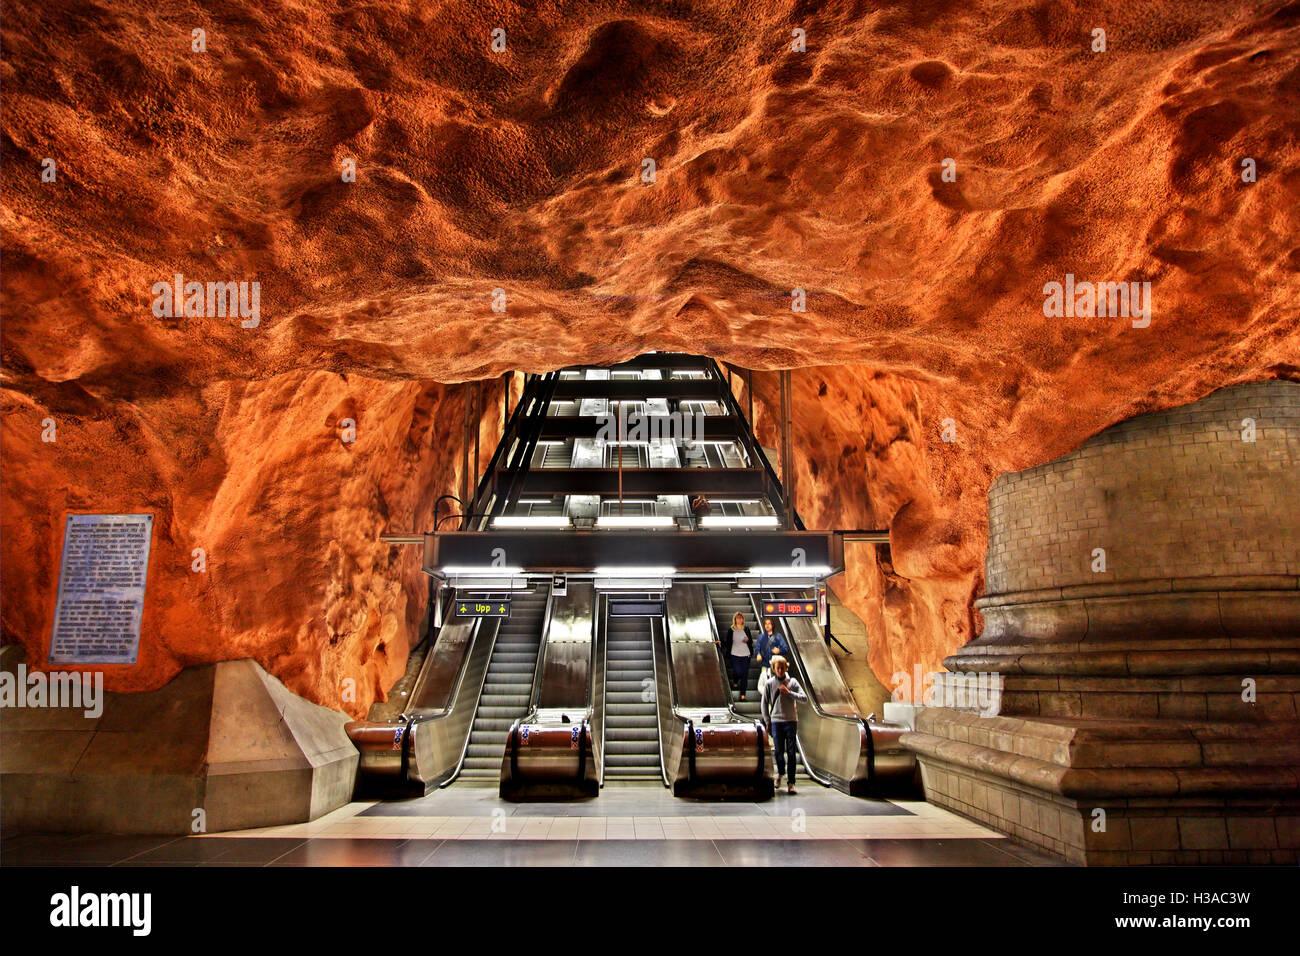 L'impressionante Radhuset metro (Tunnelbana) stazione, Stoccolma, Svezia. Immagini Stock